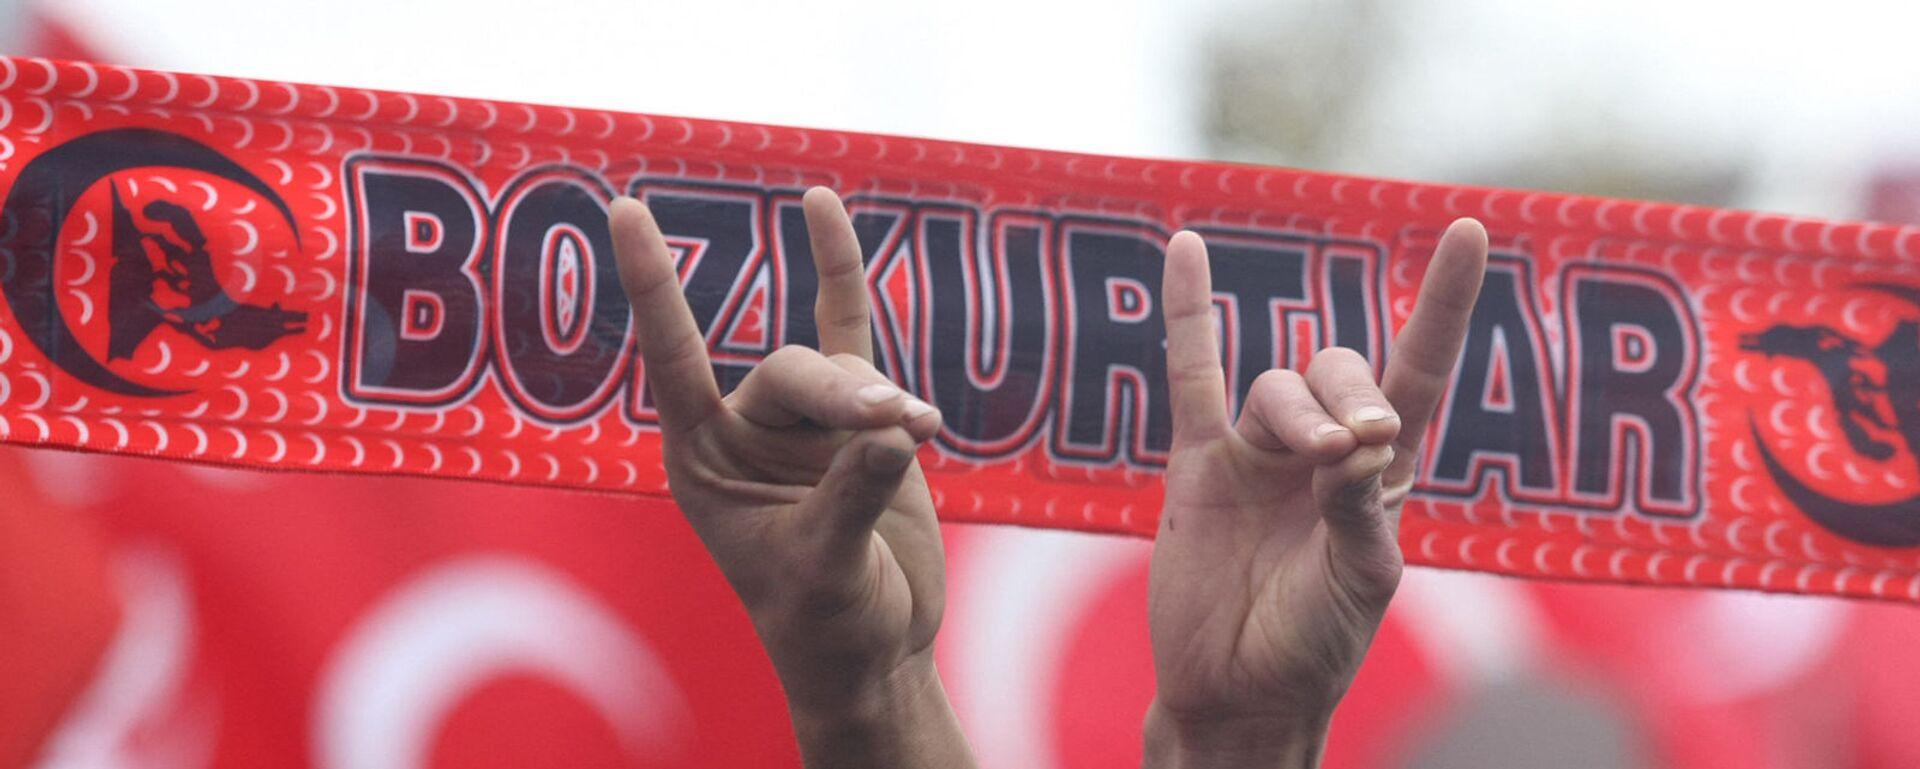 Сторонники Партии националистического движения с жестами ультранационалистической, неофашистской организации партии Серых волков (13 декабря 2009). Анкара - Sputnik Արմենիա, 1920, 21.06.2021